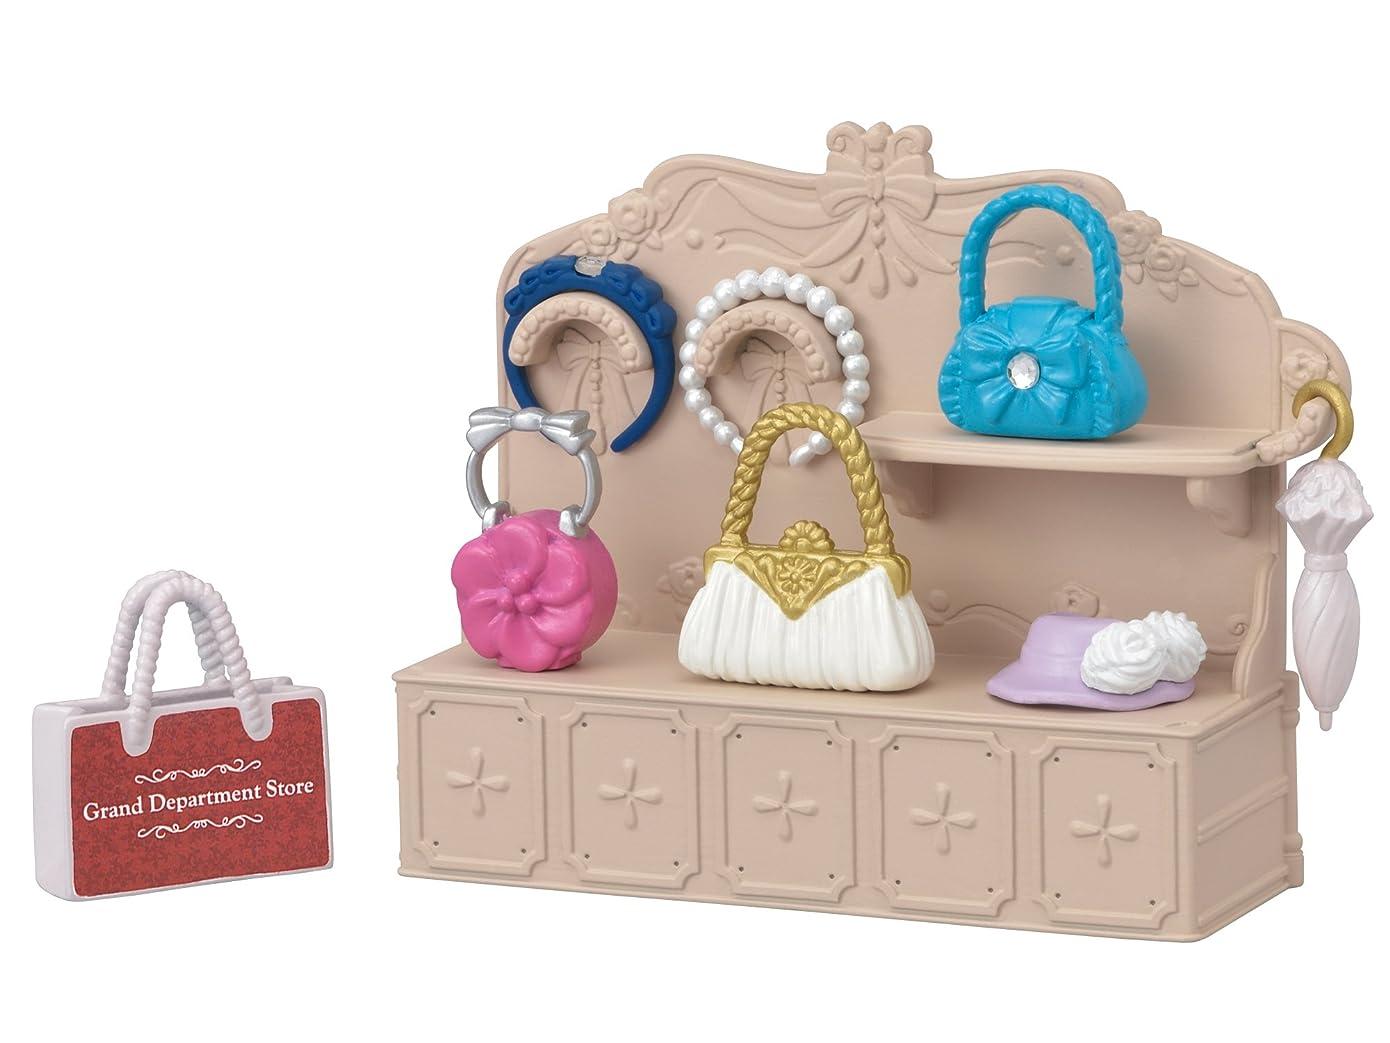 火山学者トレーダー本質的ではないシルバニアファミリー 人形?家具セット ショコラウサギの赤ちゃん?家具セット DF-13